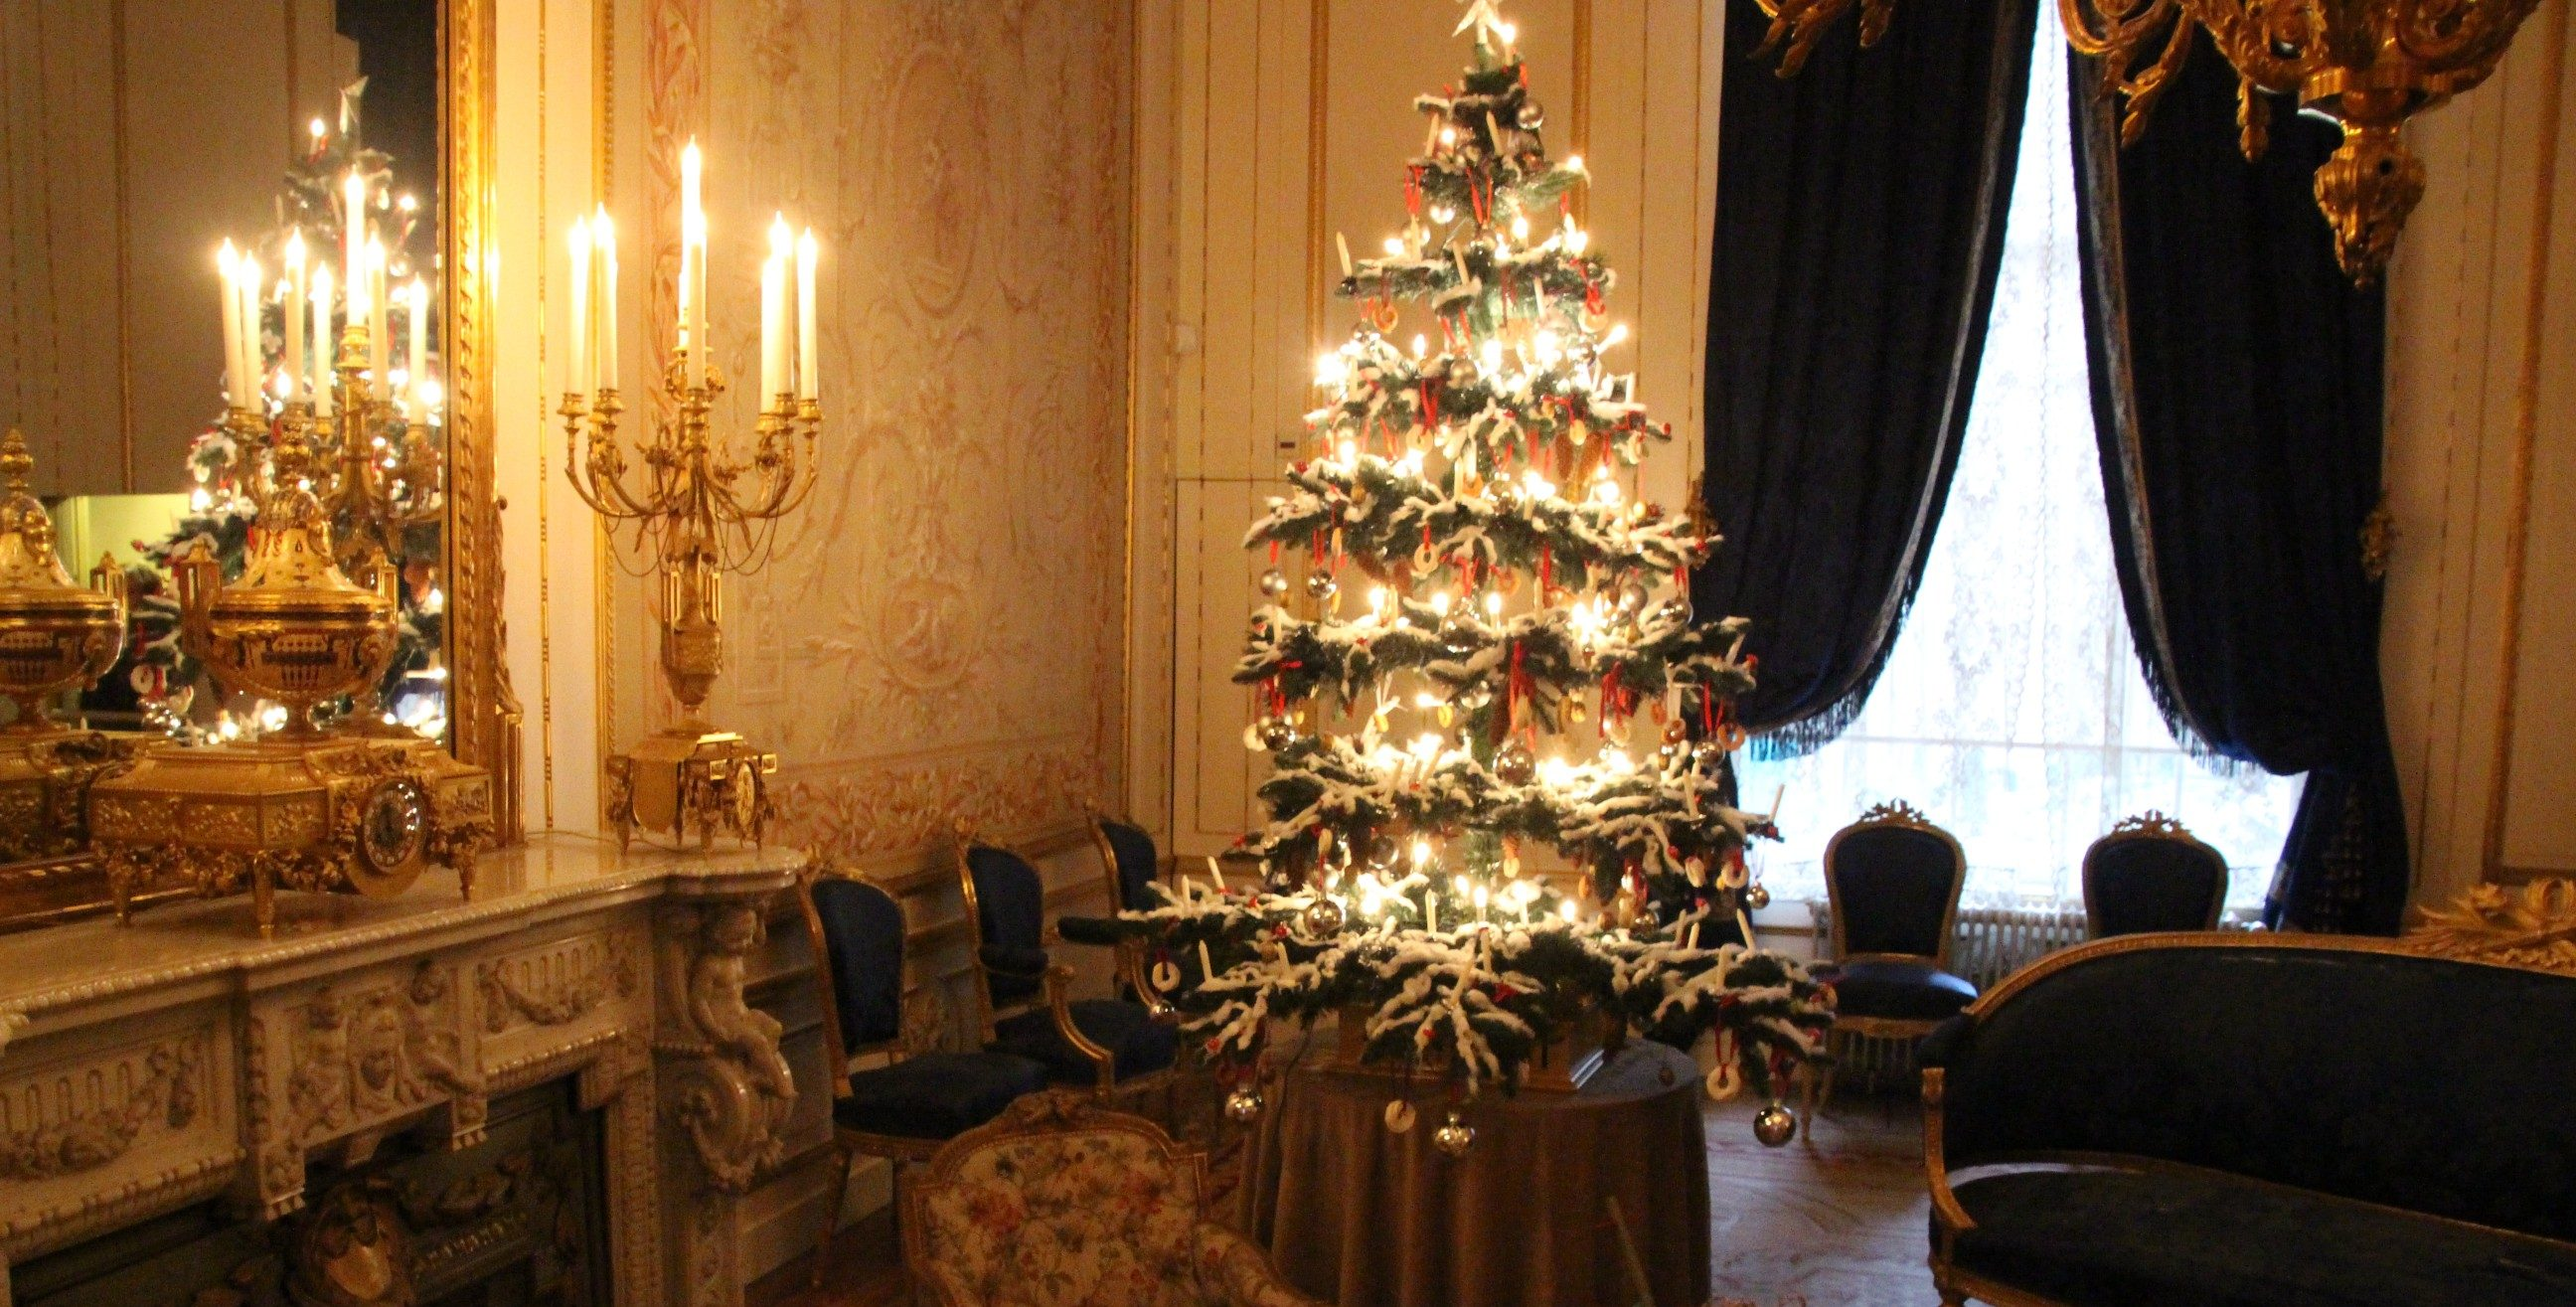 Museum Willet-Holthuysen: waan je in 19de eeuwse kerstsferen ...